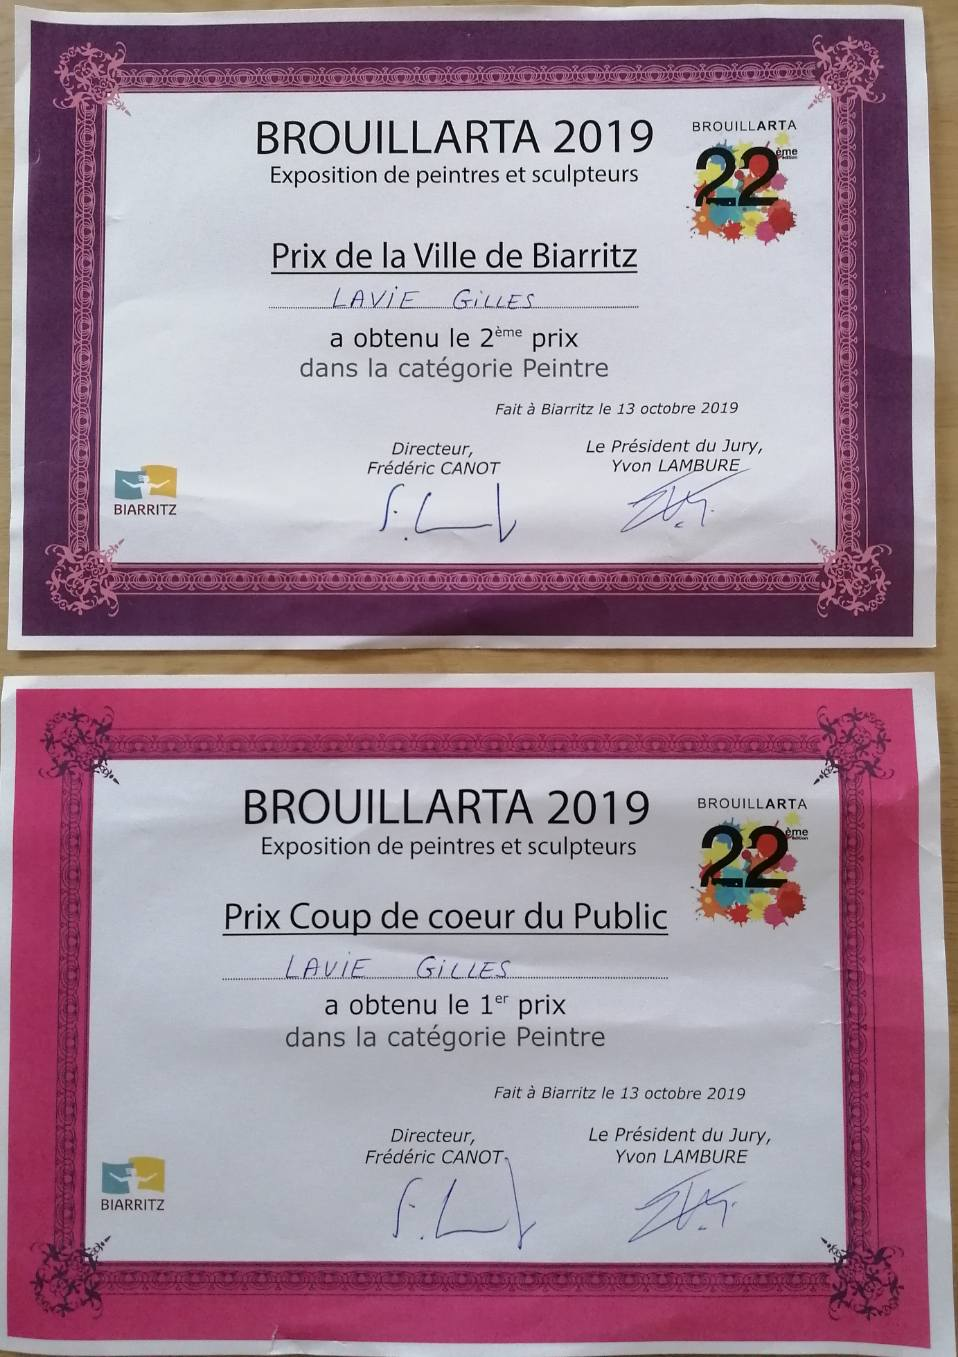 Récompenses reçues par Gilles Lavie pour l'exposition Brouillarta 2019 à Biarritz